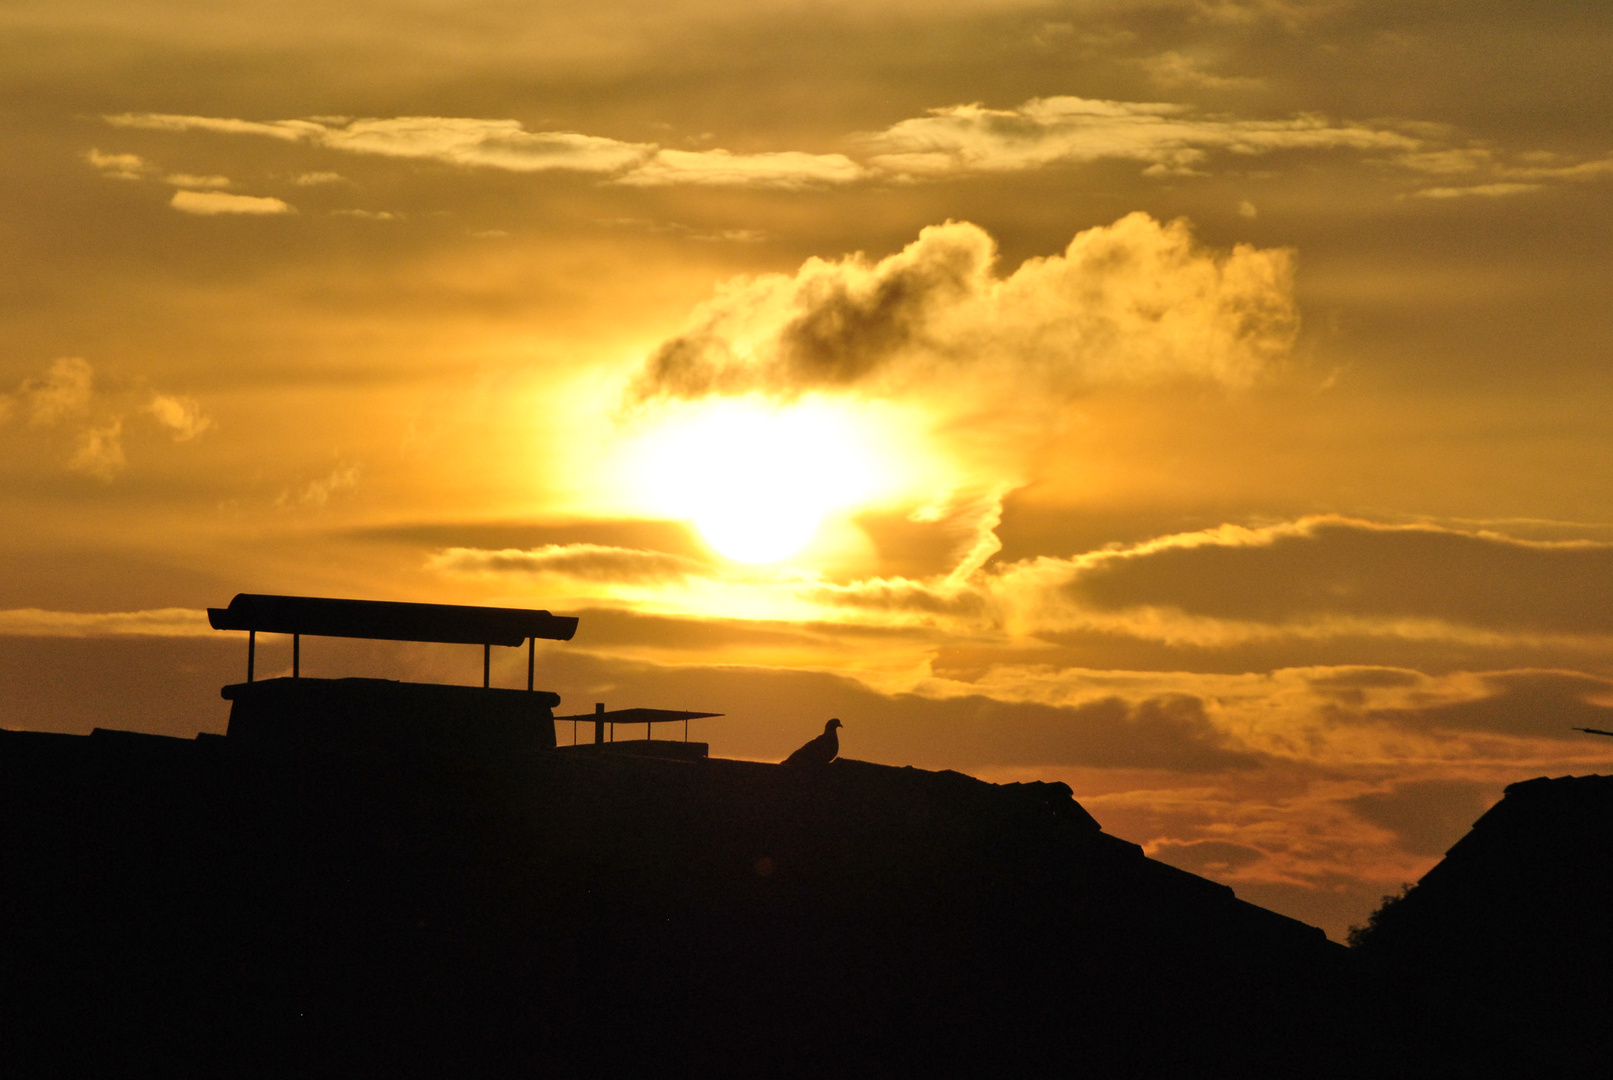 Sonnenuntergang mit Taube